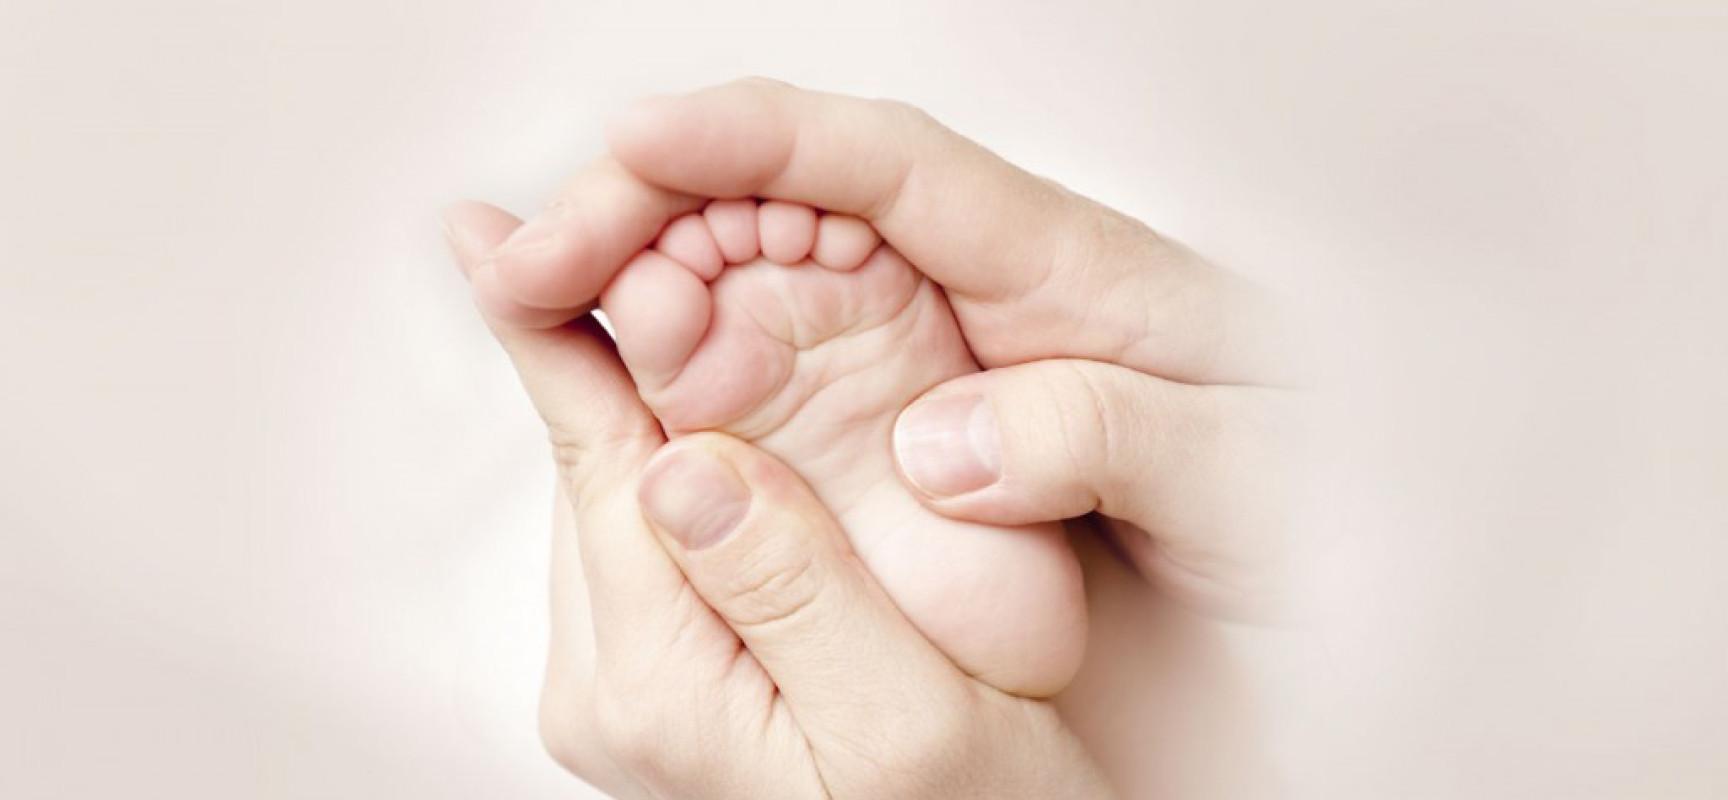 Эквинусная деформация стопы при детском церебральном параличе (ДЦП)